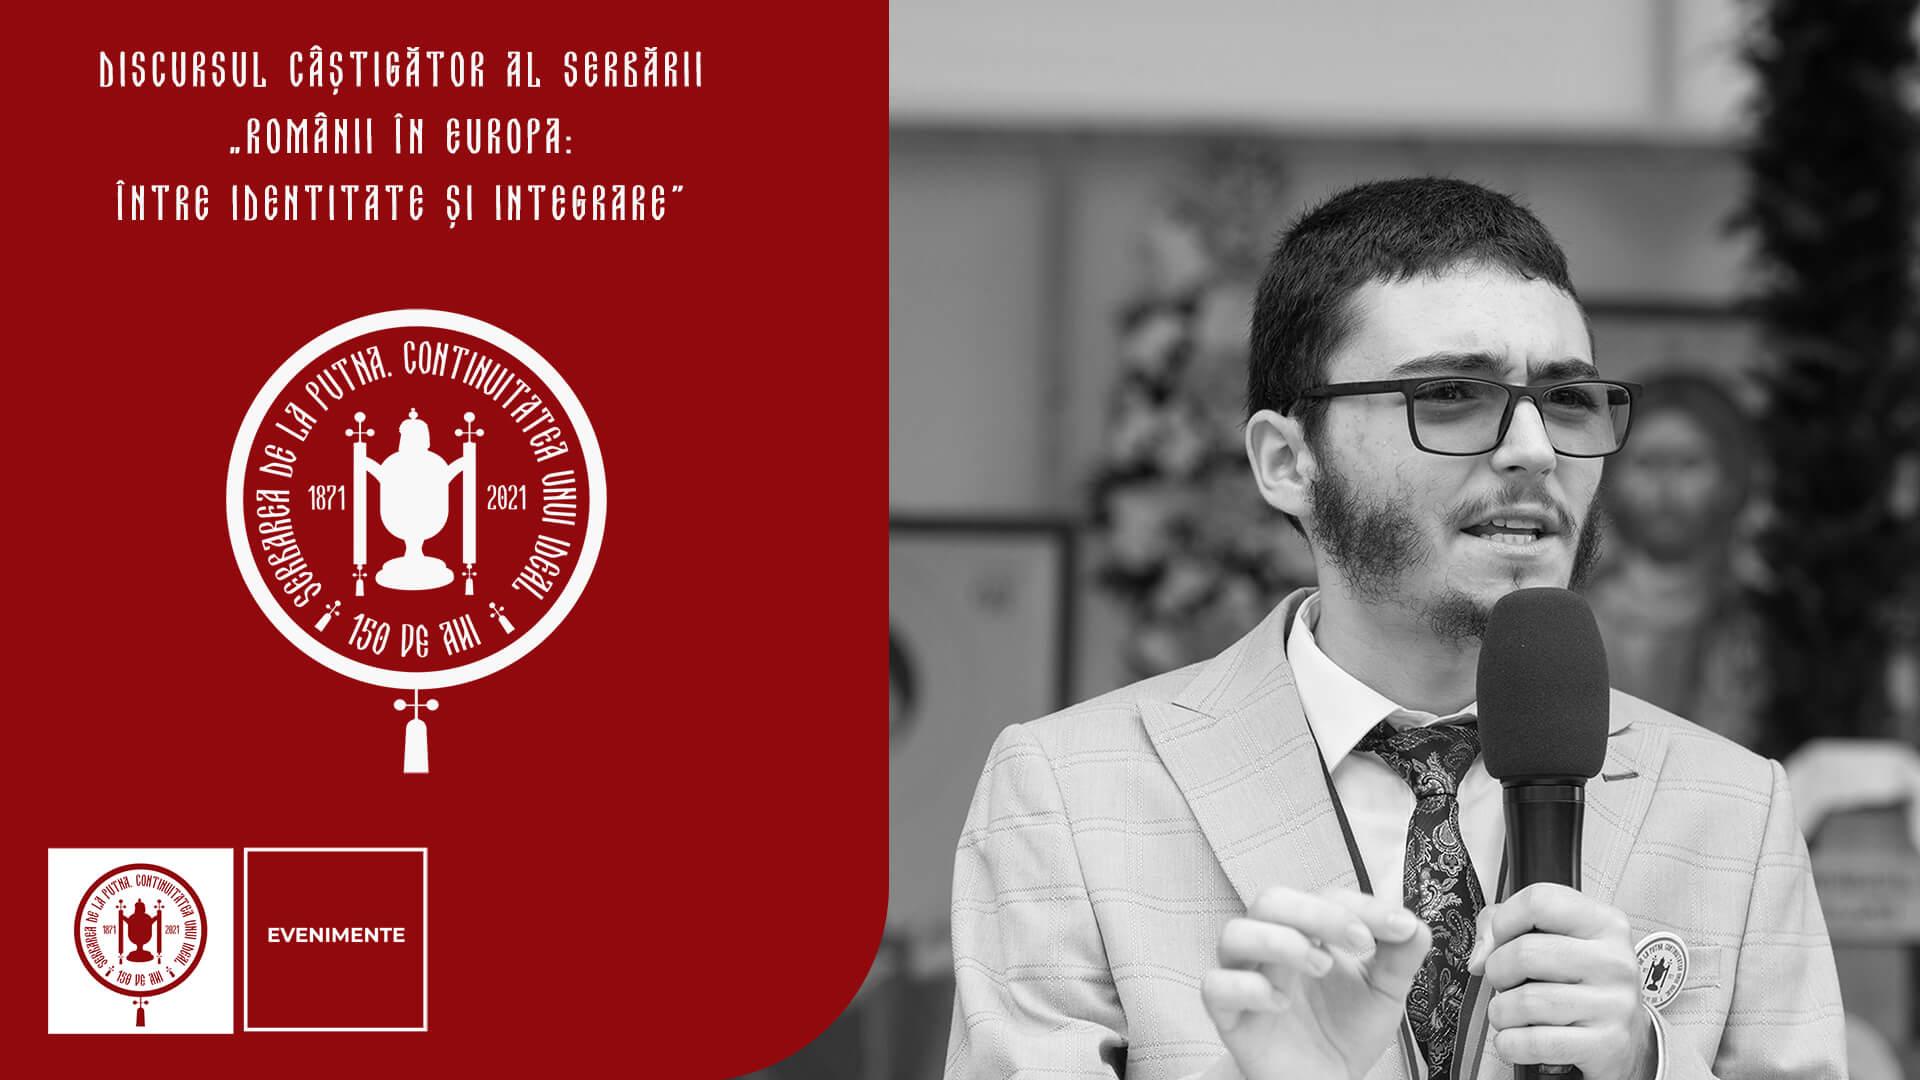 """Cosmin Țugui, Discursul câștigător al Serbării: """"Românii în Europa: între identitate și integrare"""""""